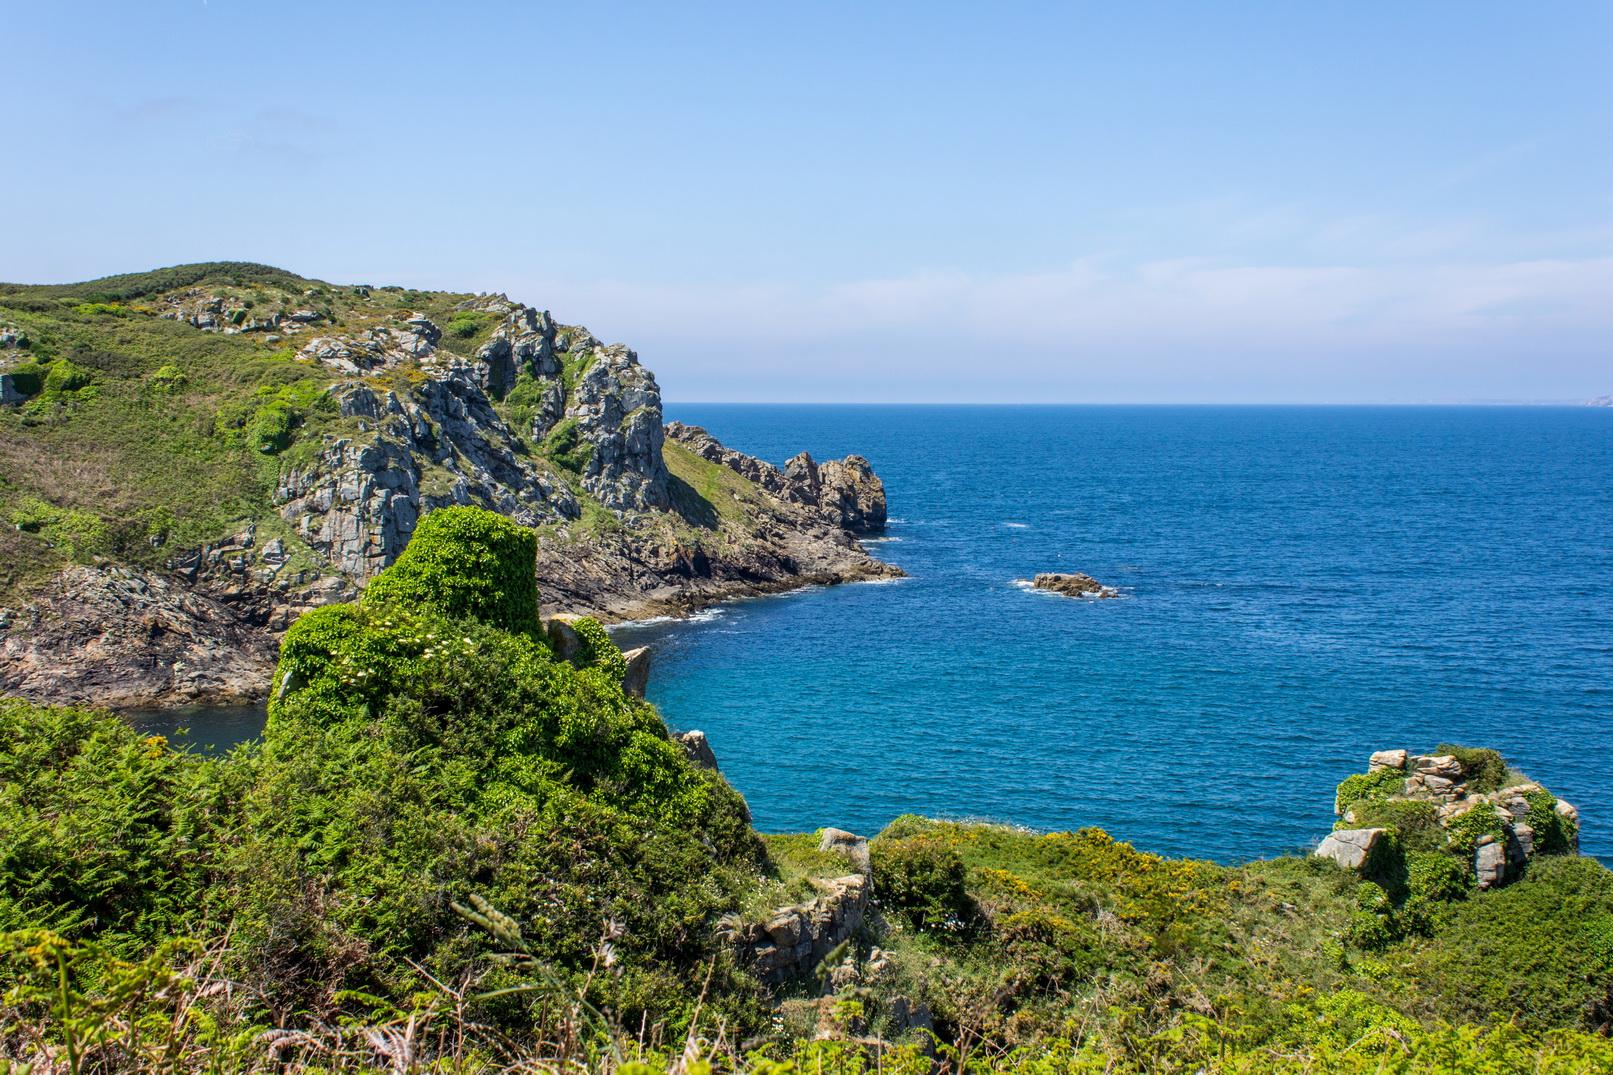 Küste bei Fête des Bruyéres auf der Halbinsel Cap-Sizun in der Bretagne